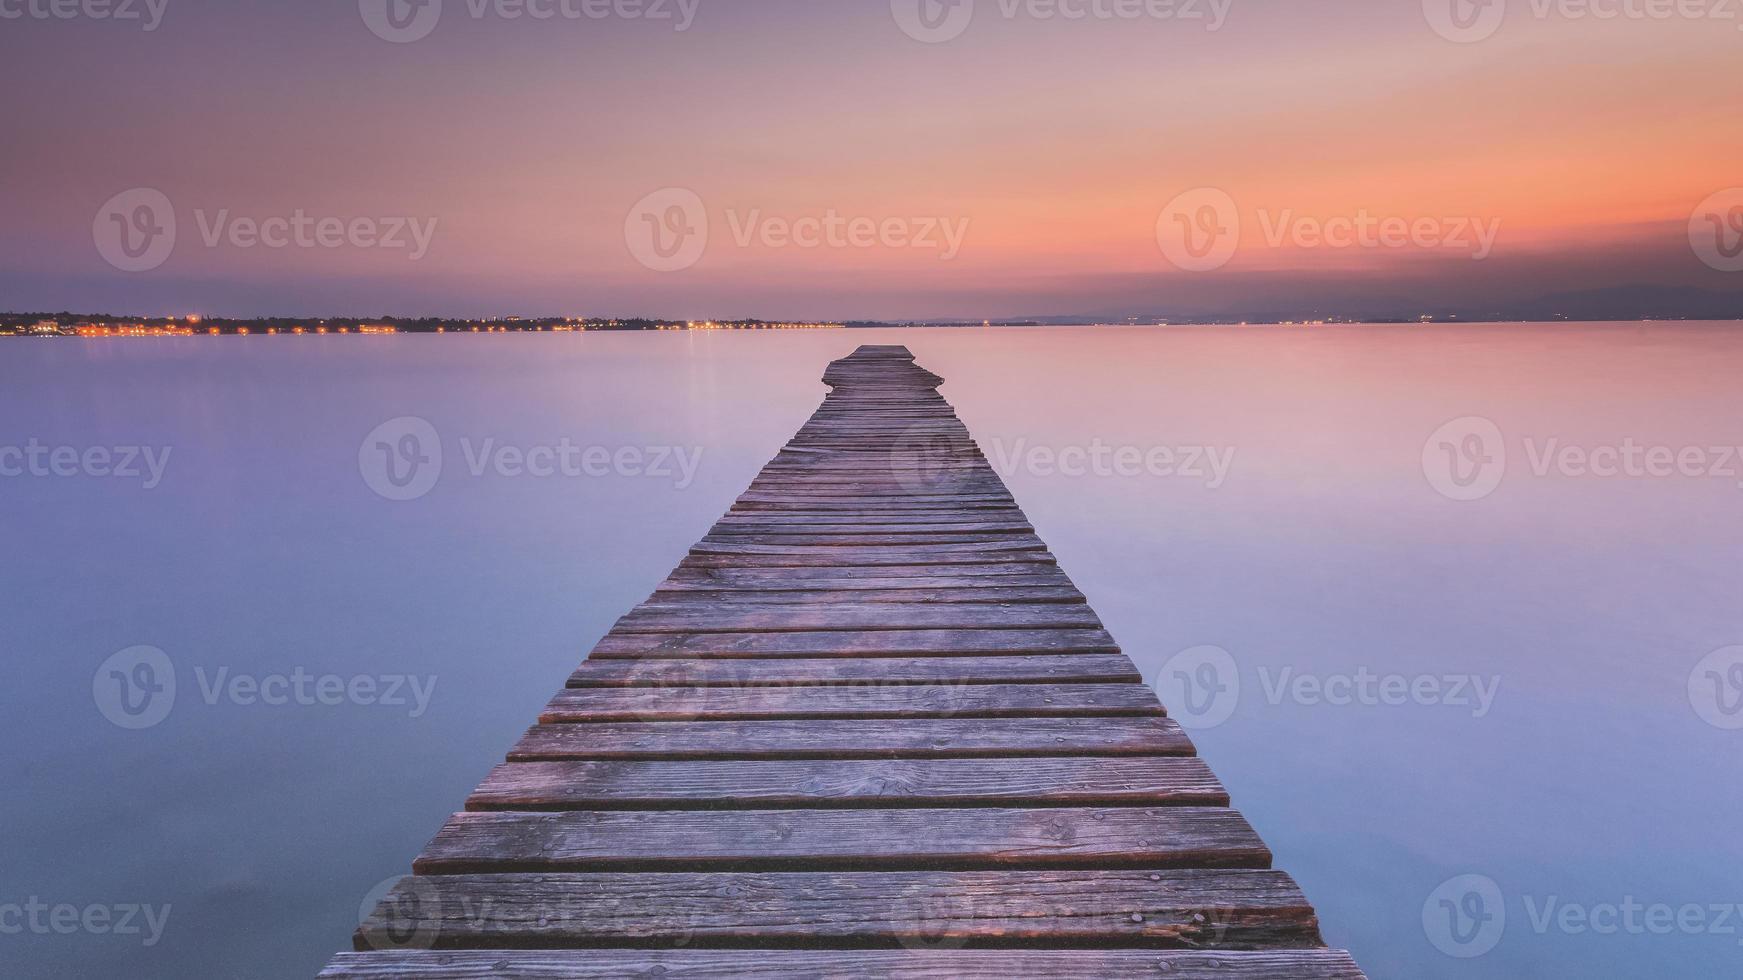 lungo pontile in legno sul lago di garda al tramonto foto